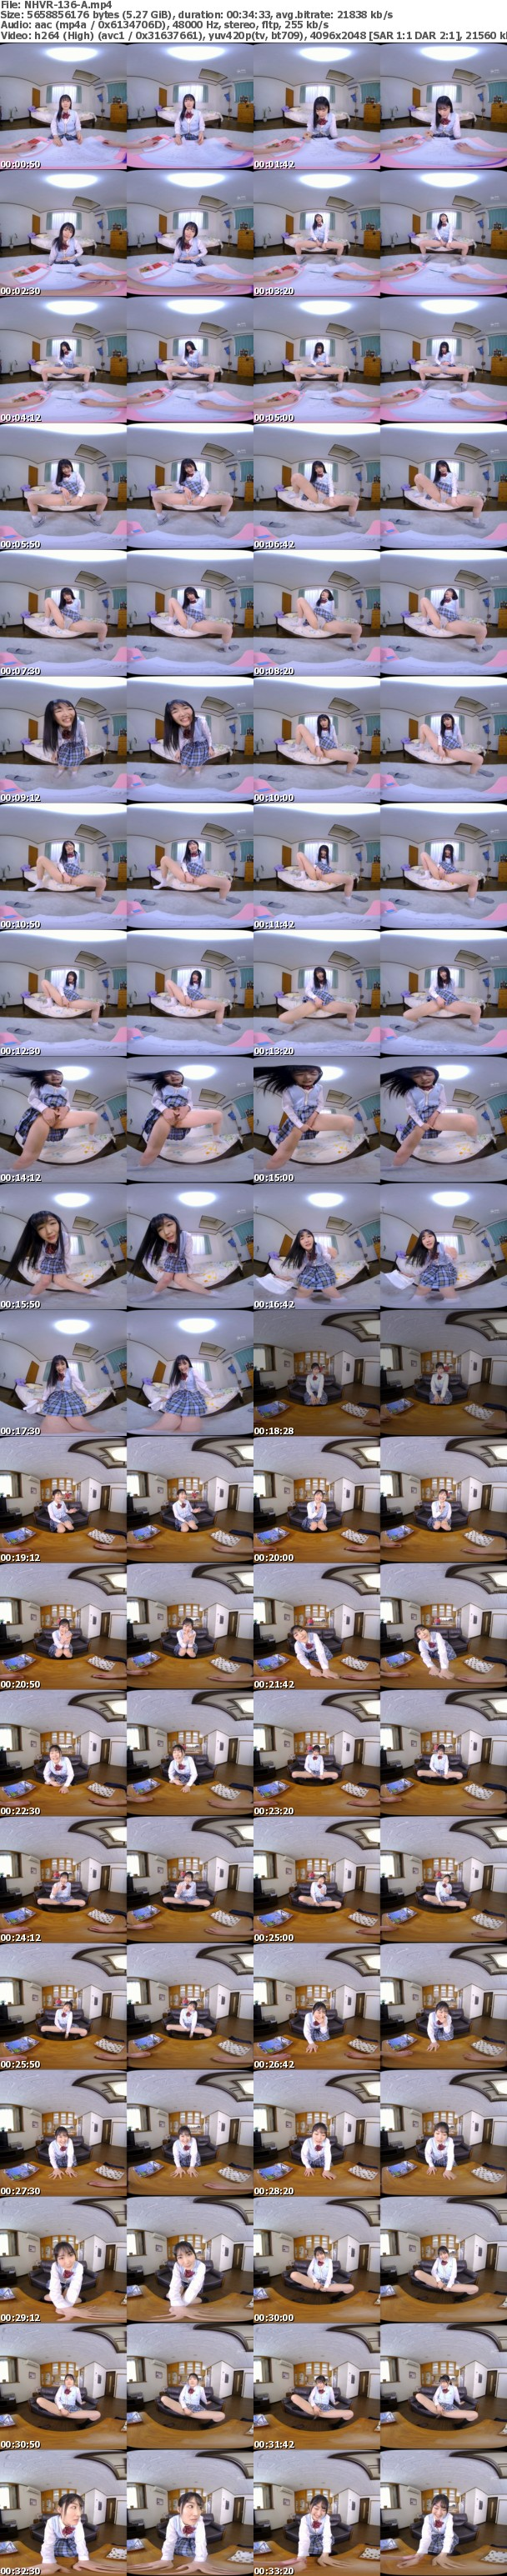 (VR) NHVR-136 イキしょん浴びVR 僕の幼馴染はオナニーを見られて興奮するイクイク早漏女子です。